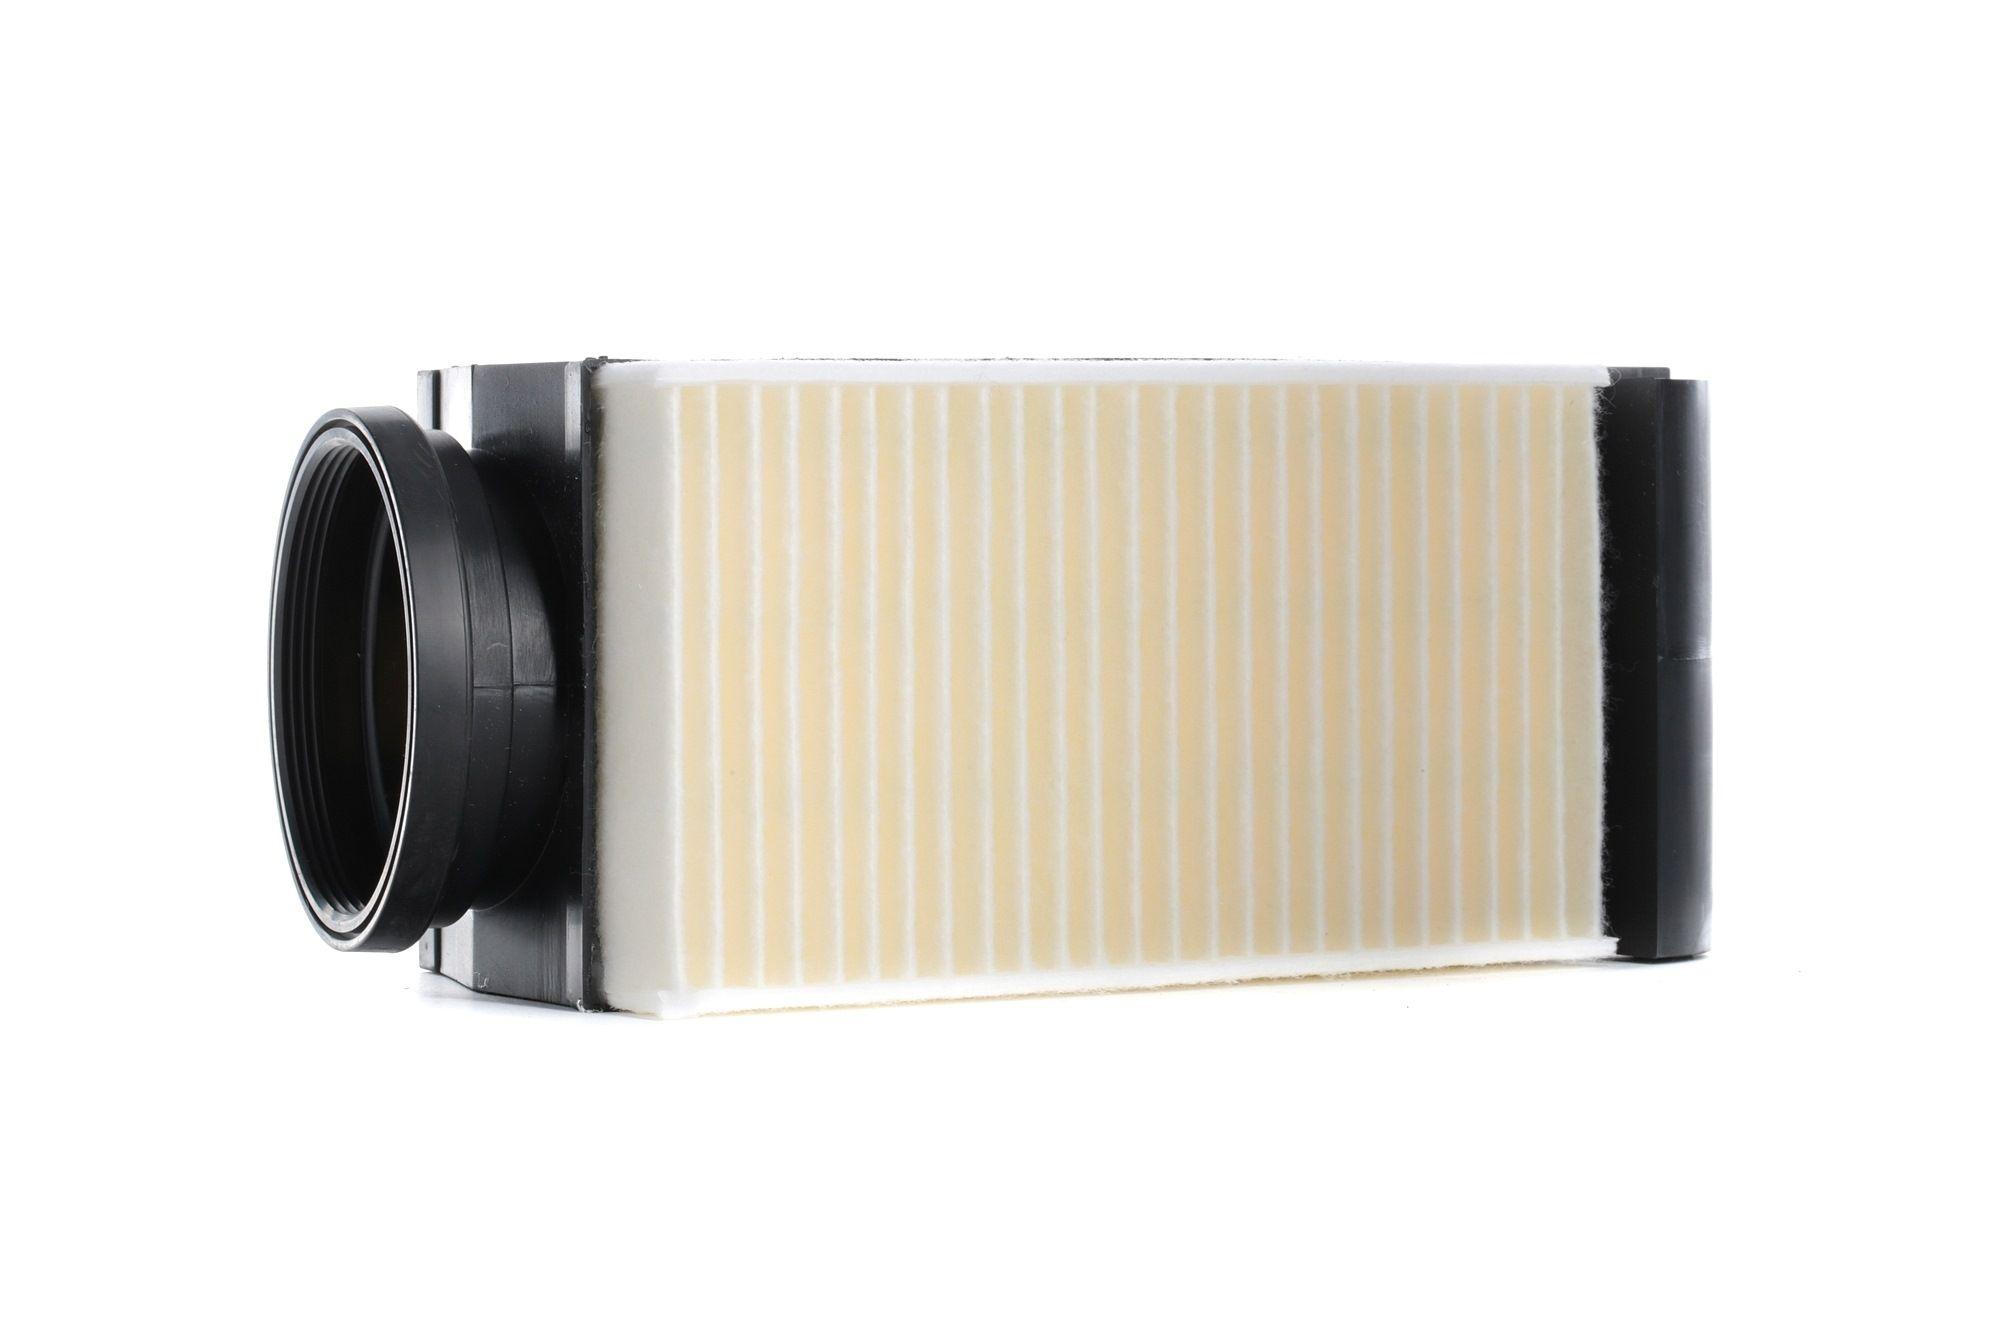 Original MERCEDES-BENZ Въздушен филтър 012 321 0025